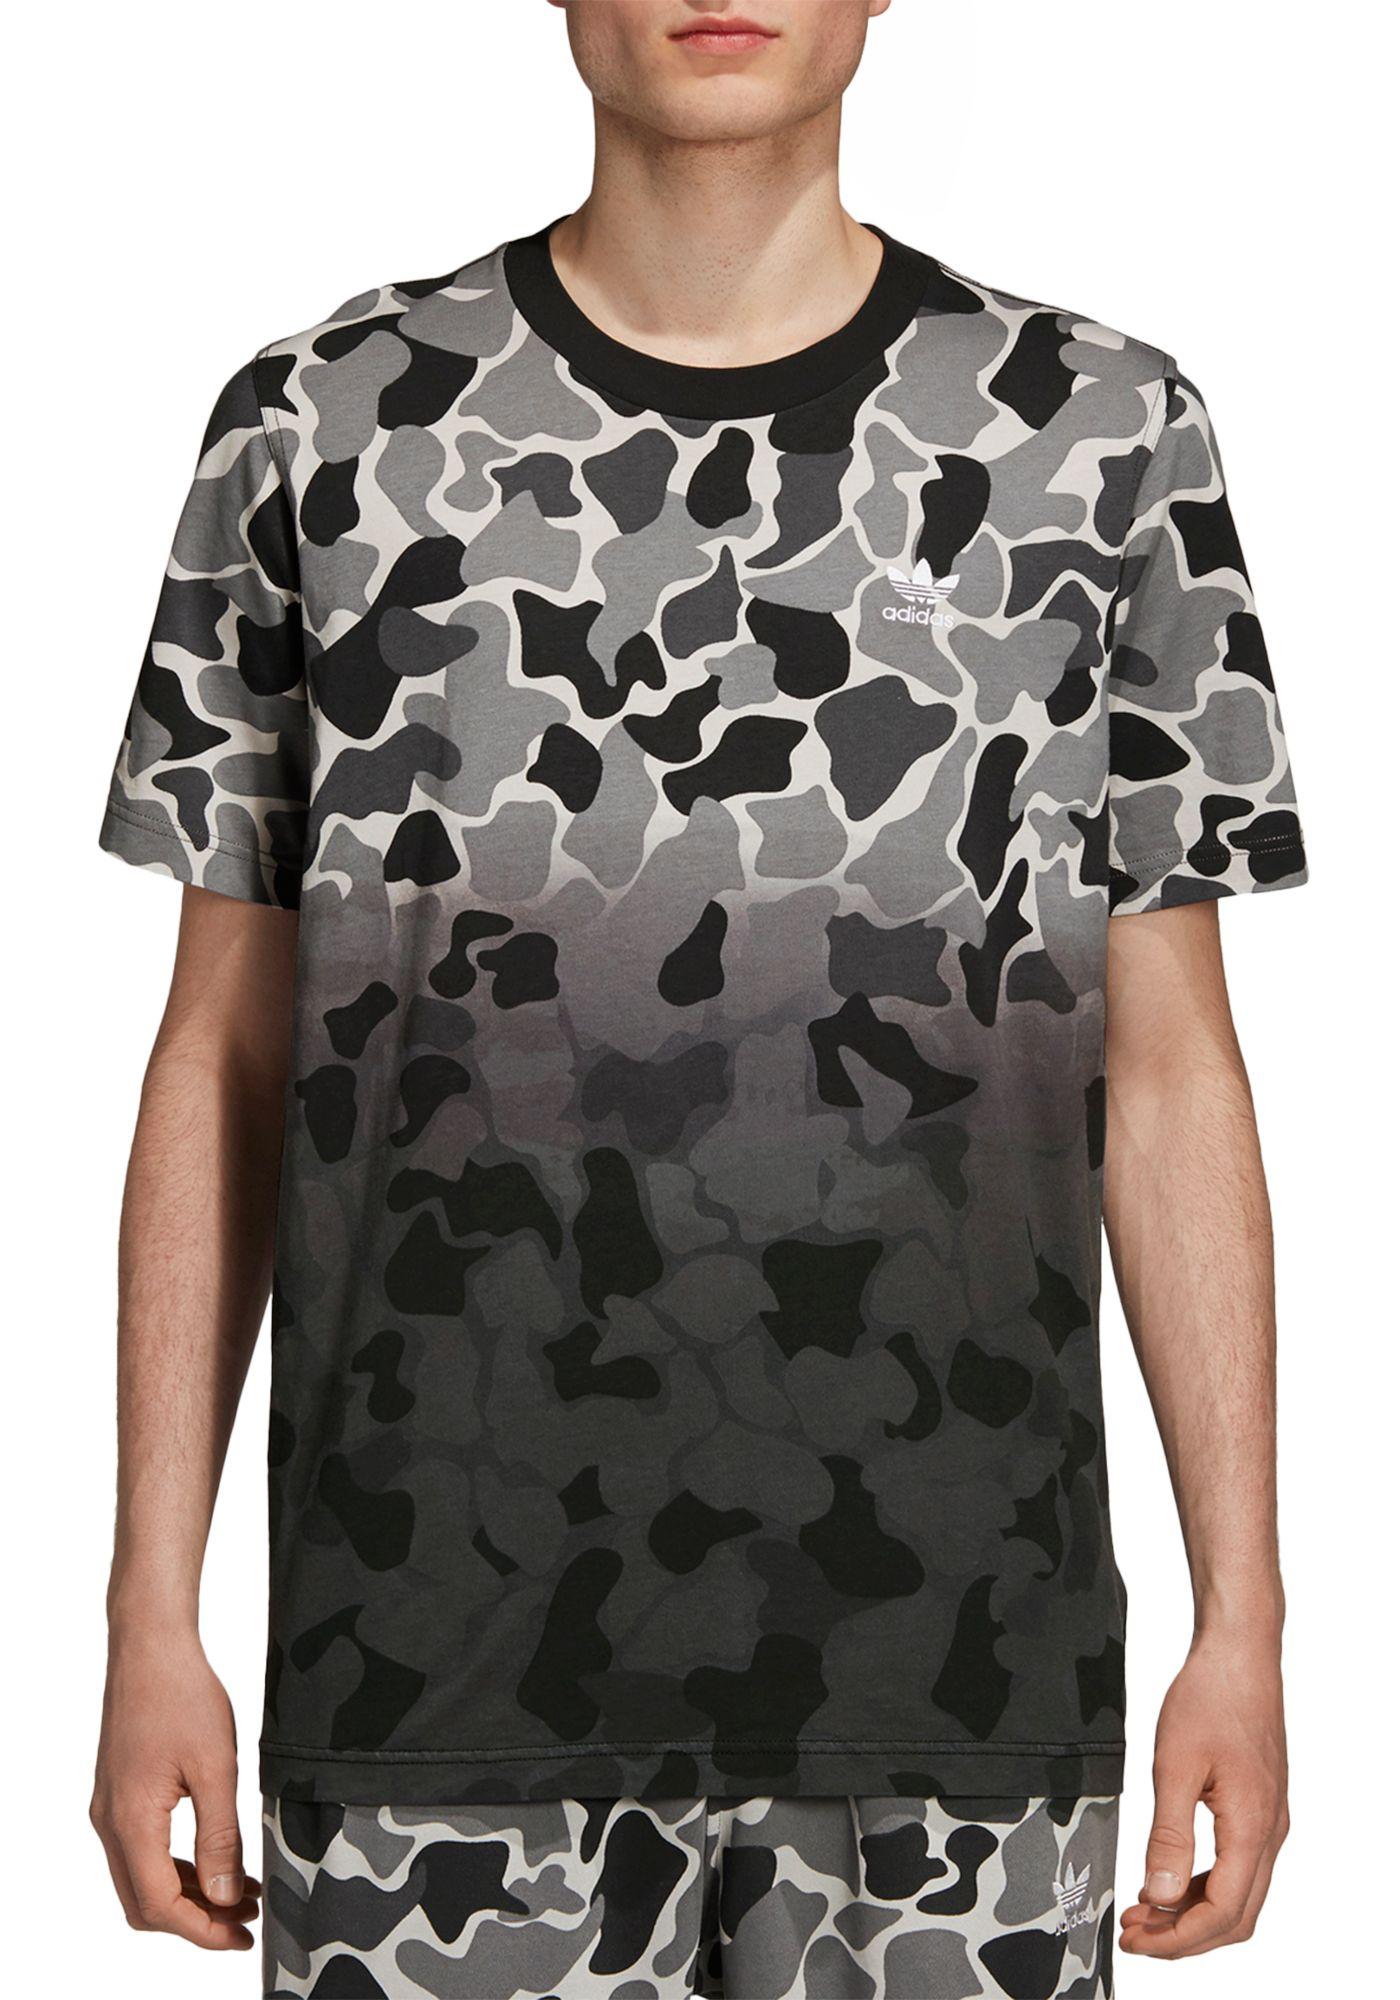 adidas Originals Men's Camo Dipped T-Shirt